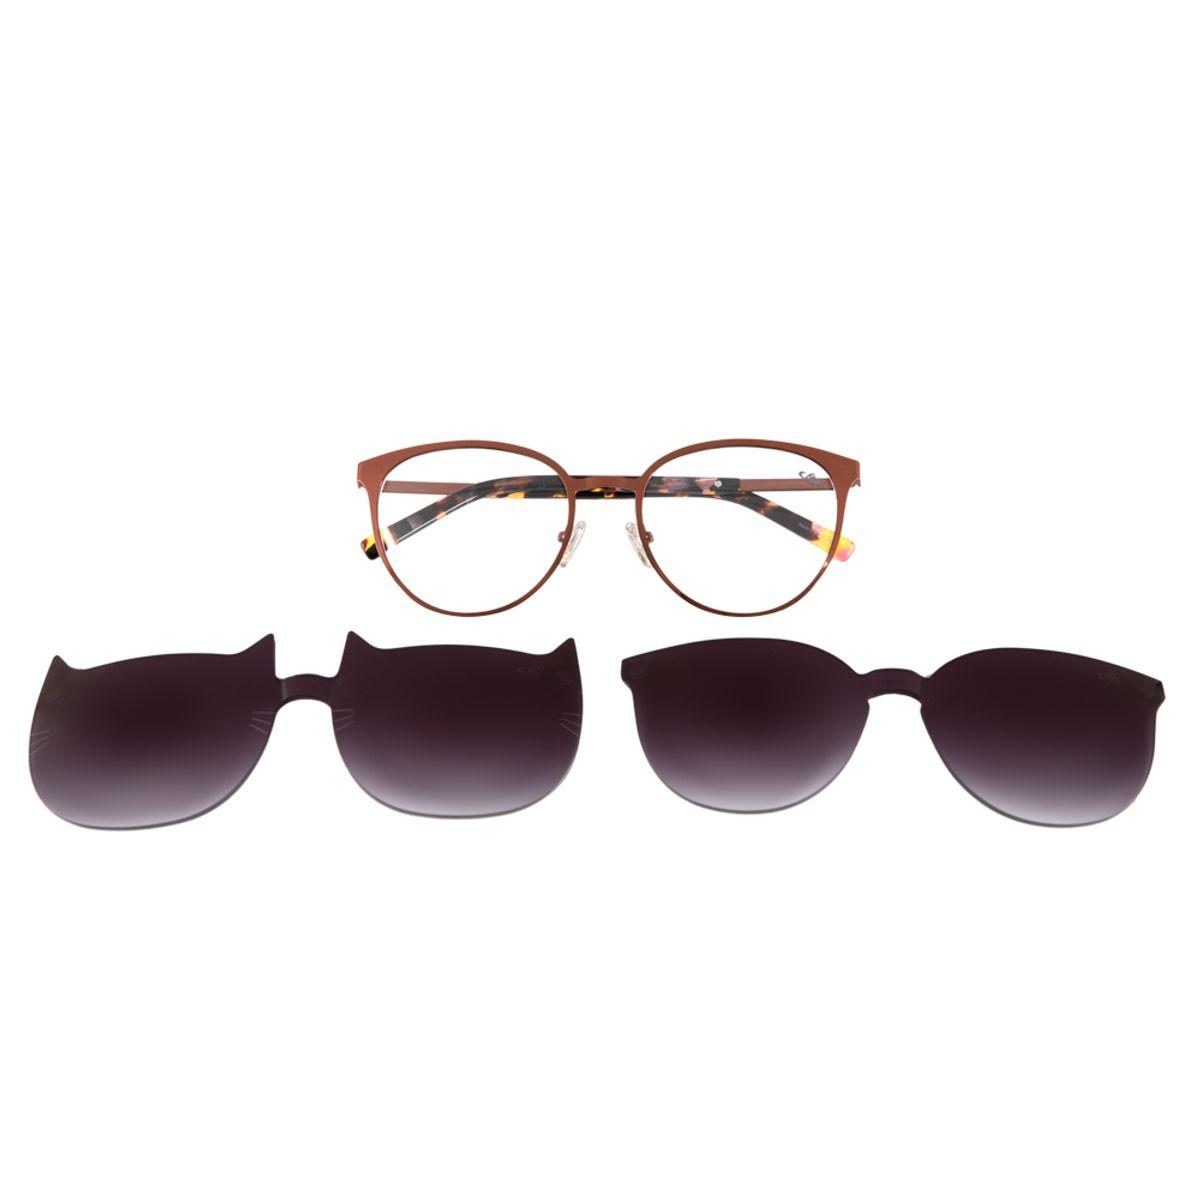 561cdf4f5 Armação para Óculos de Grau Chilli Beans Multi 2 em 1 Gatinho Vinho ...